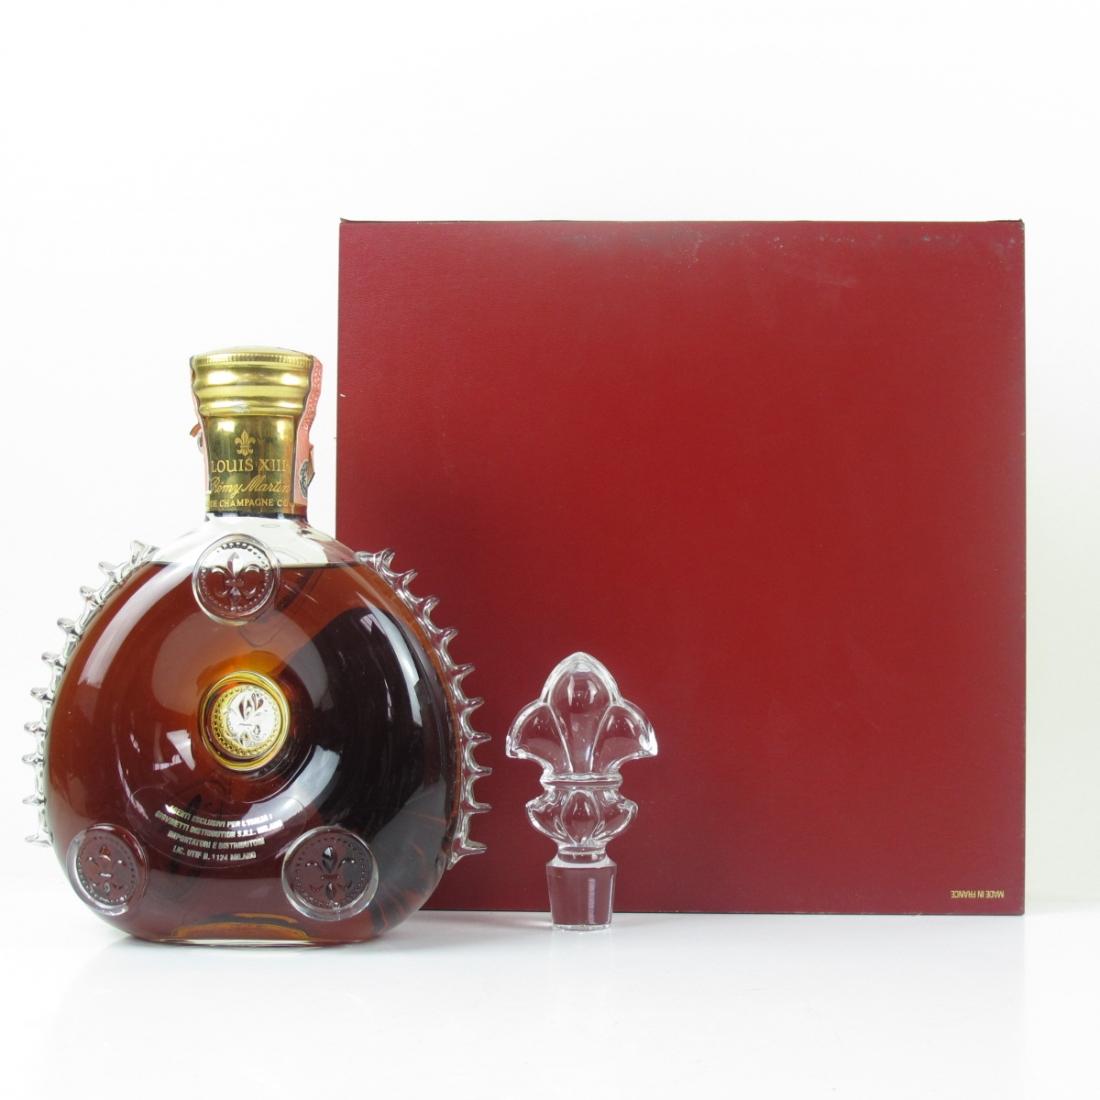 Remy Martin Louis XIII Cognac Circa 1990s